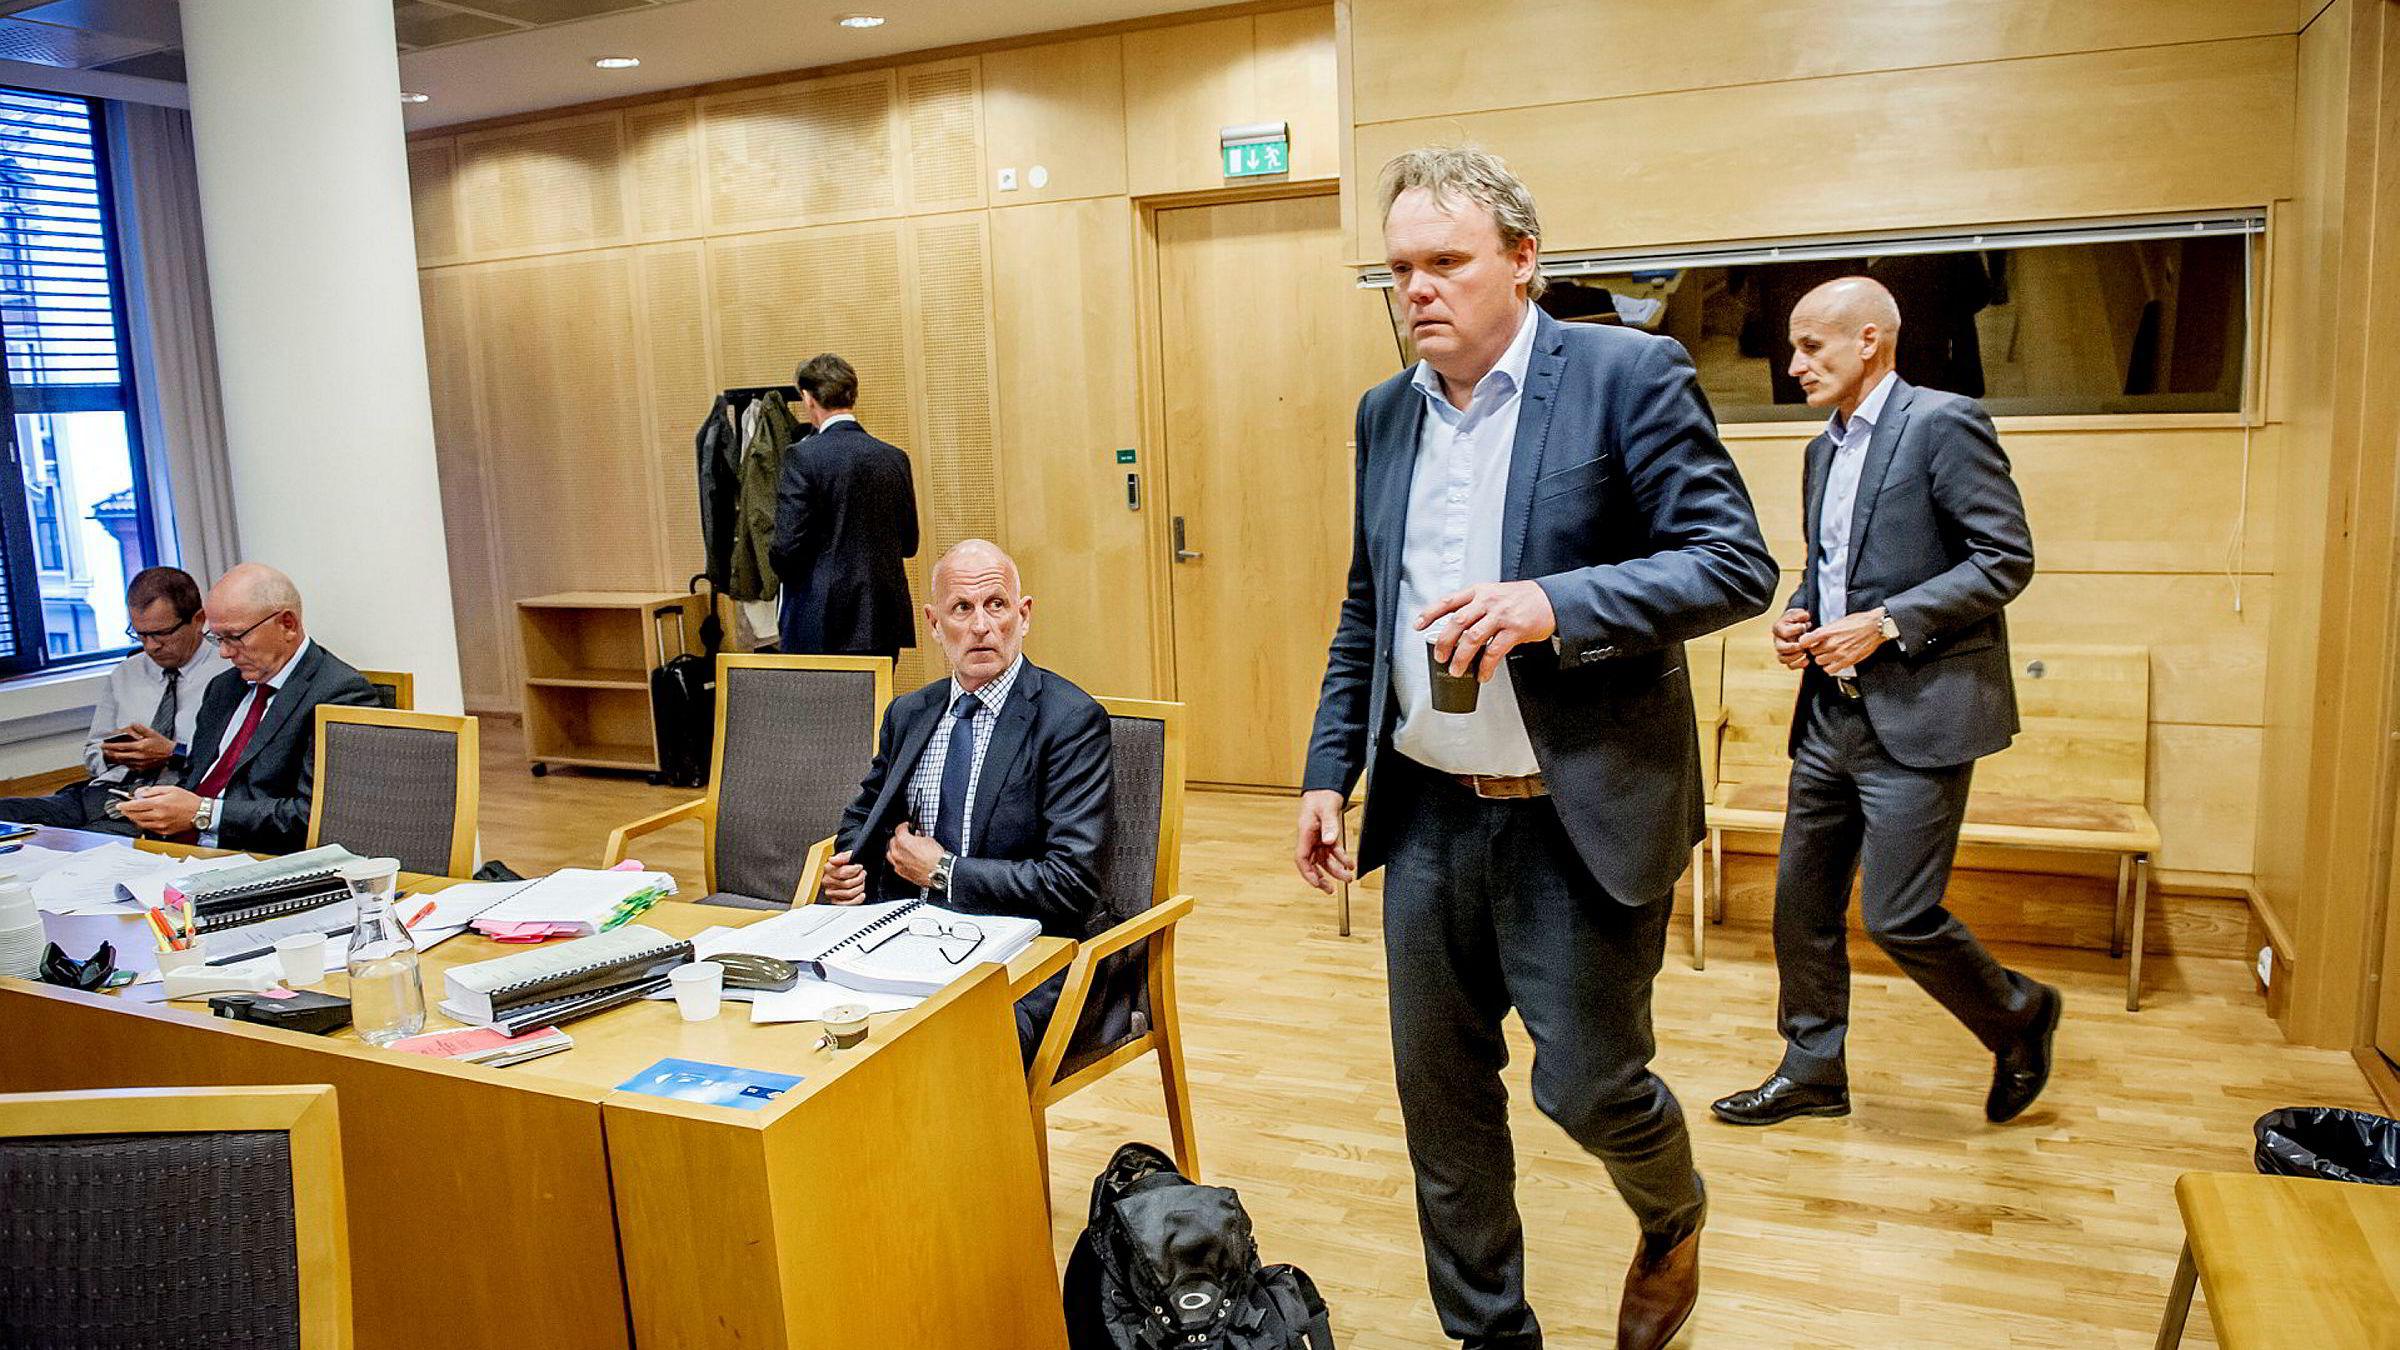 Gründer og investeringsdirektør Peter Chester Warren (i midten), tidligere administrerende direktør Øyvind Tvilde (foran), tidligere styreleder Christian Wahl (til høyre) og advokat Jens Brede (med rødt slips) møtte denne uken i Oslo tingrett.